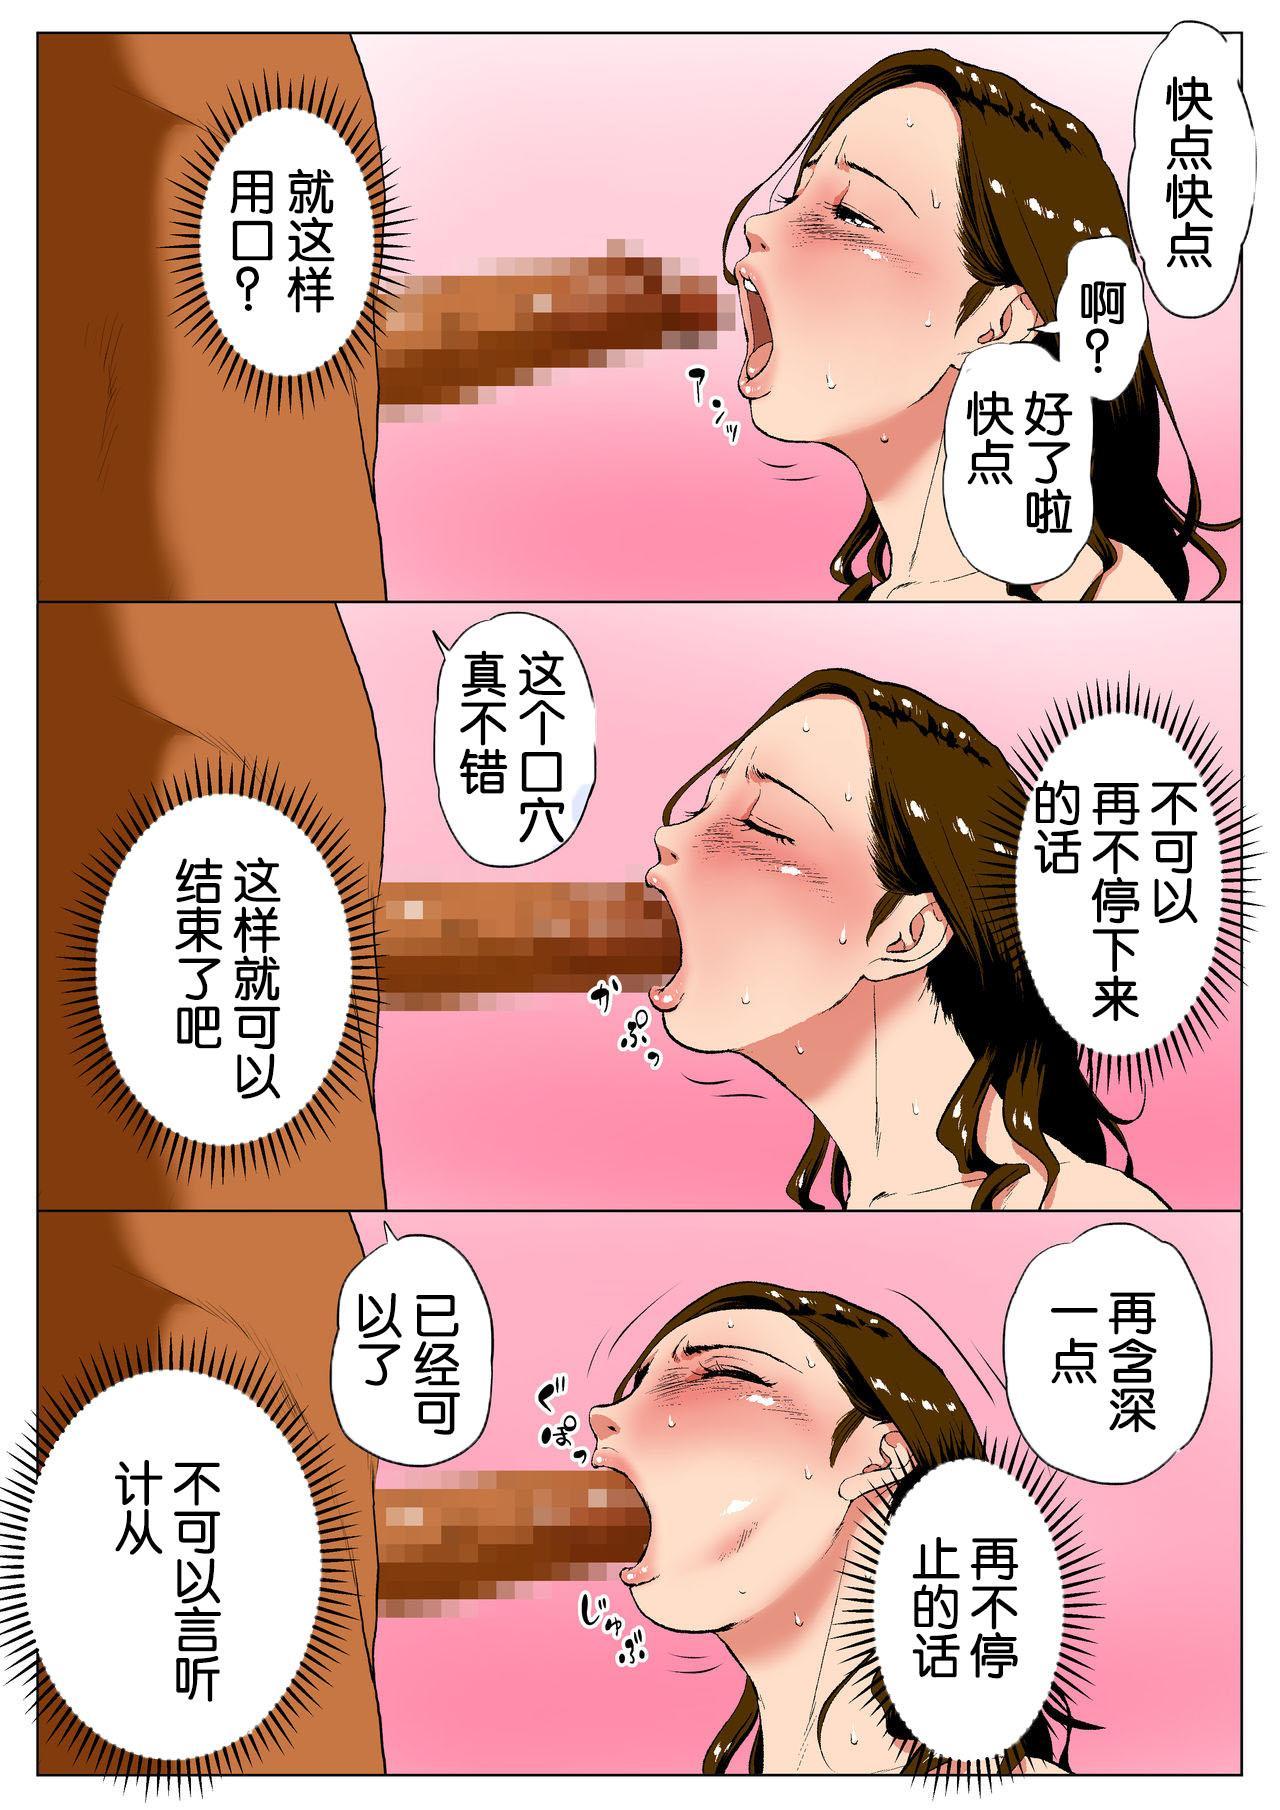 [W no Honnou] Shin, Boku no Tsuma to Kyokon no Moto AV Danyuu Buchou[Chinese]【不可视汉化】 43